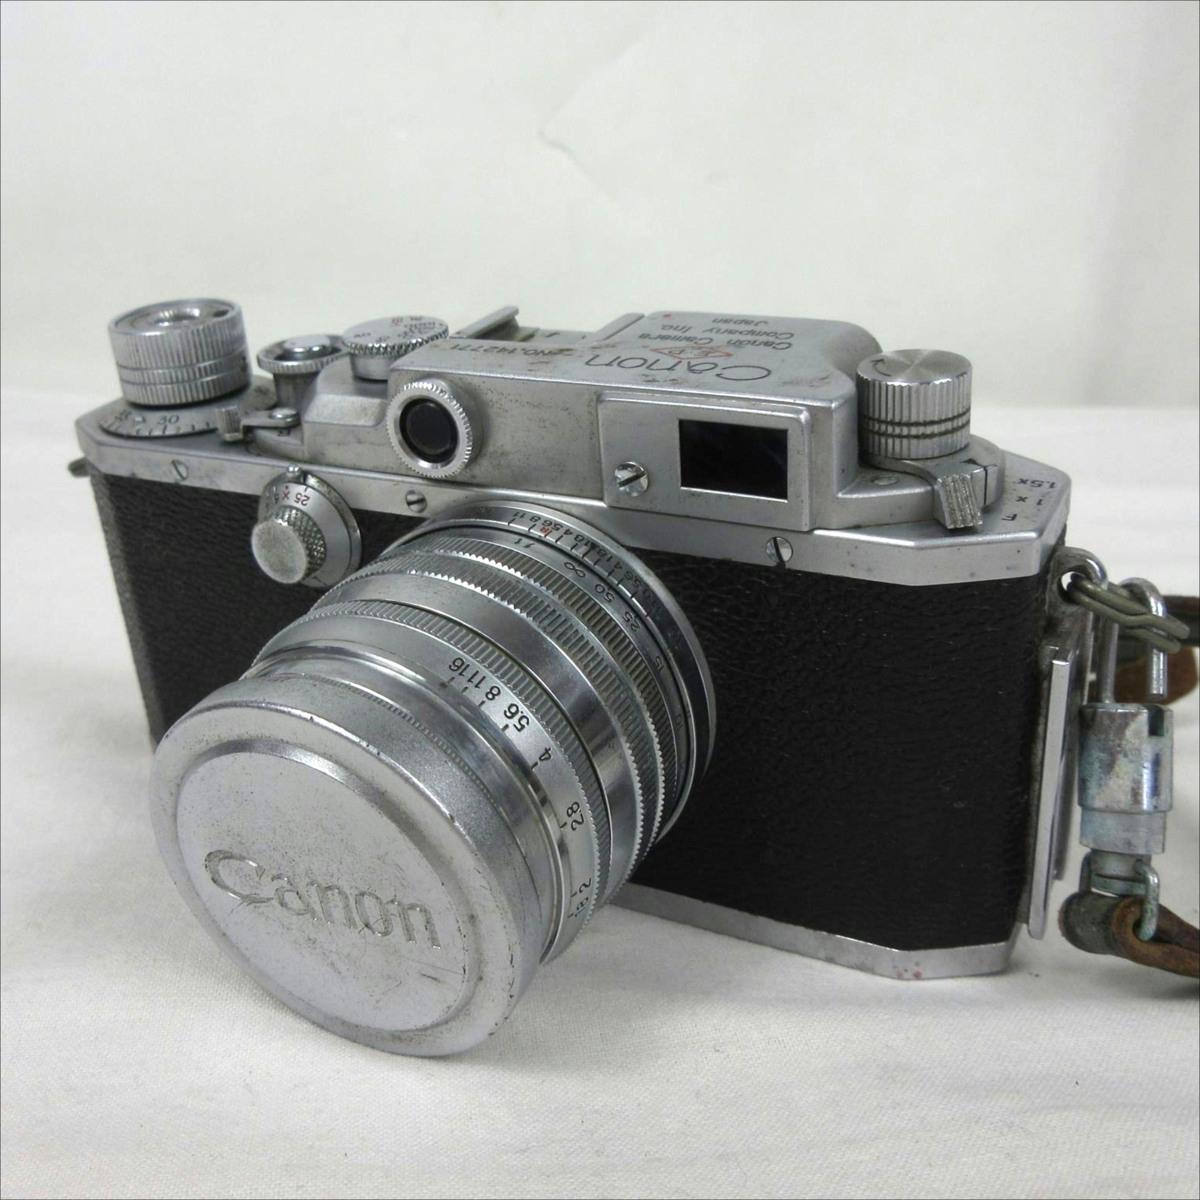 1円【ジャンク】 Canon キャノン レンジファインダーカメラ 【70】